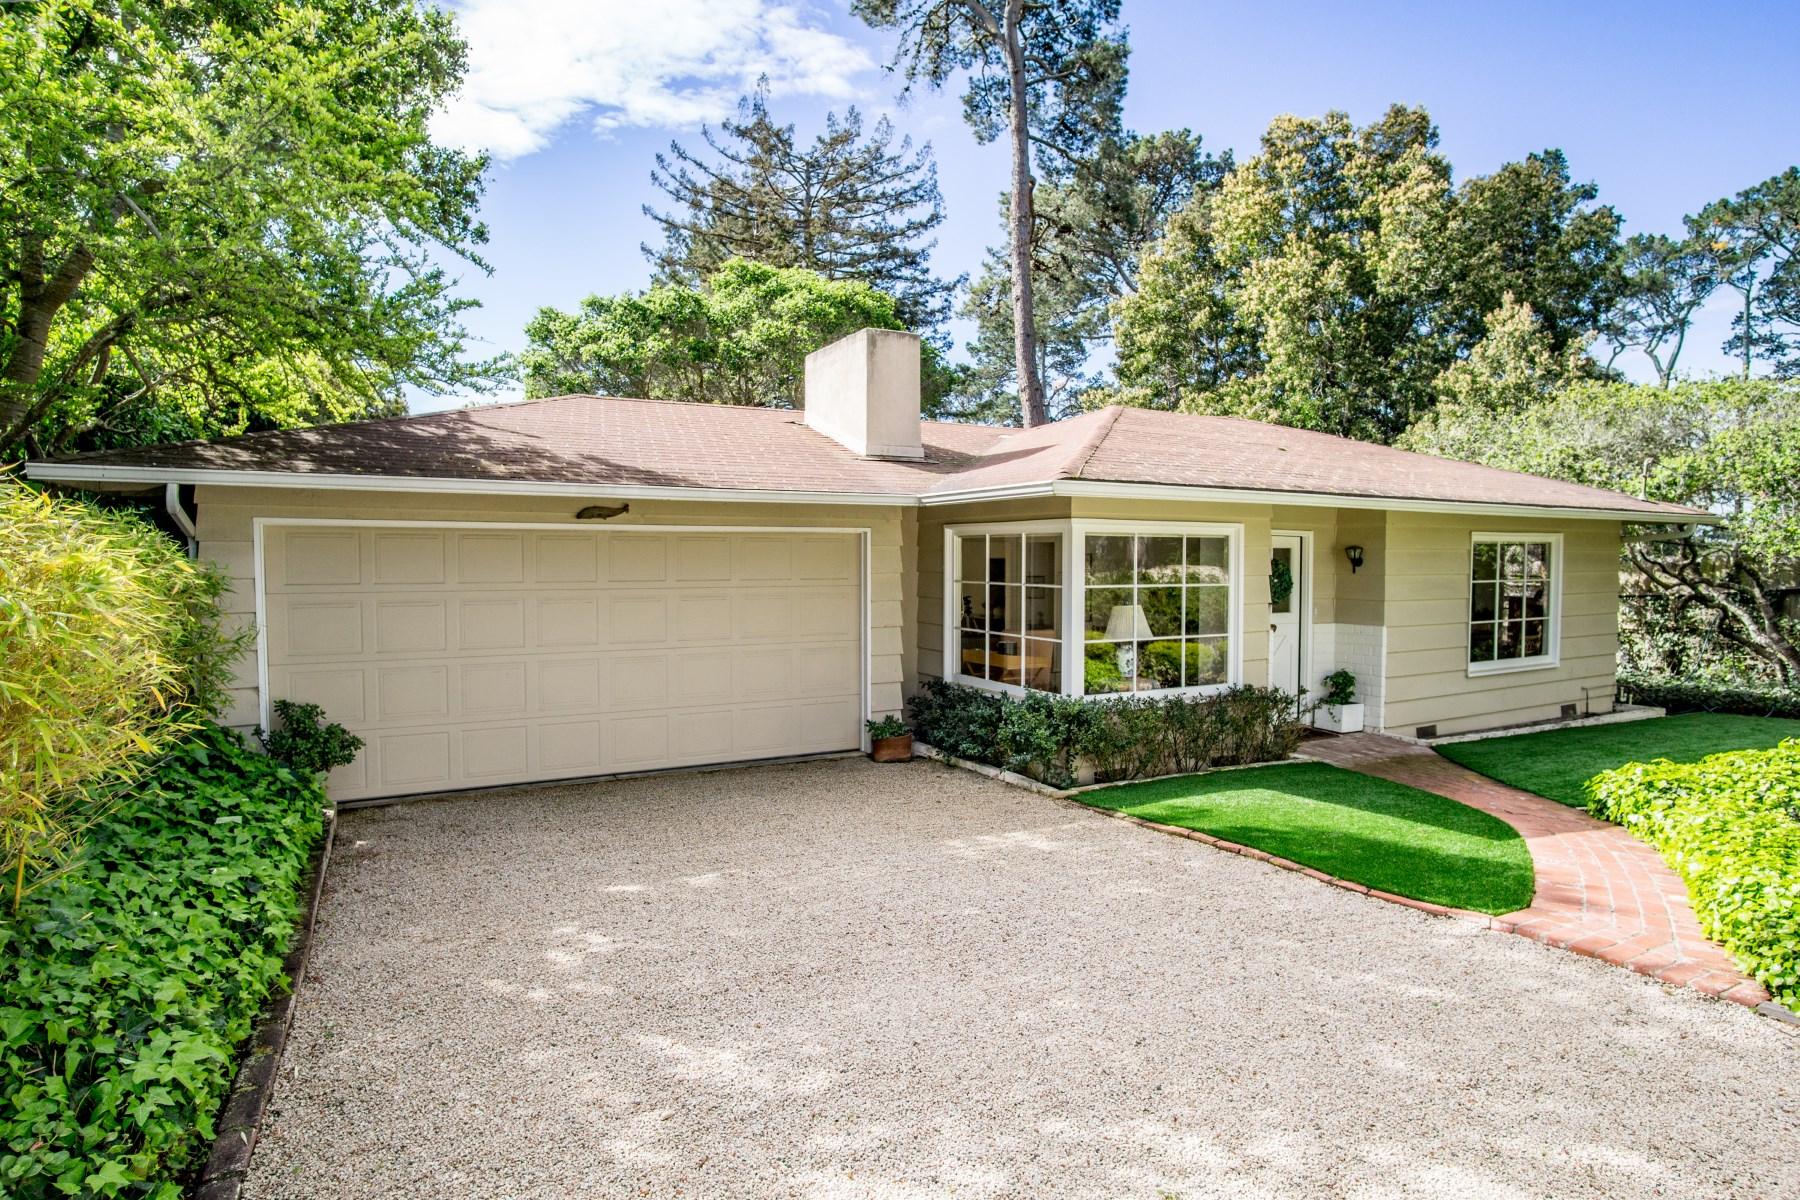 단독 가정 주택 용 매매 에 3406 3rd Avenue, Carmel Carmel, 캘리포니아, 93923 미국